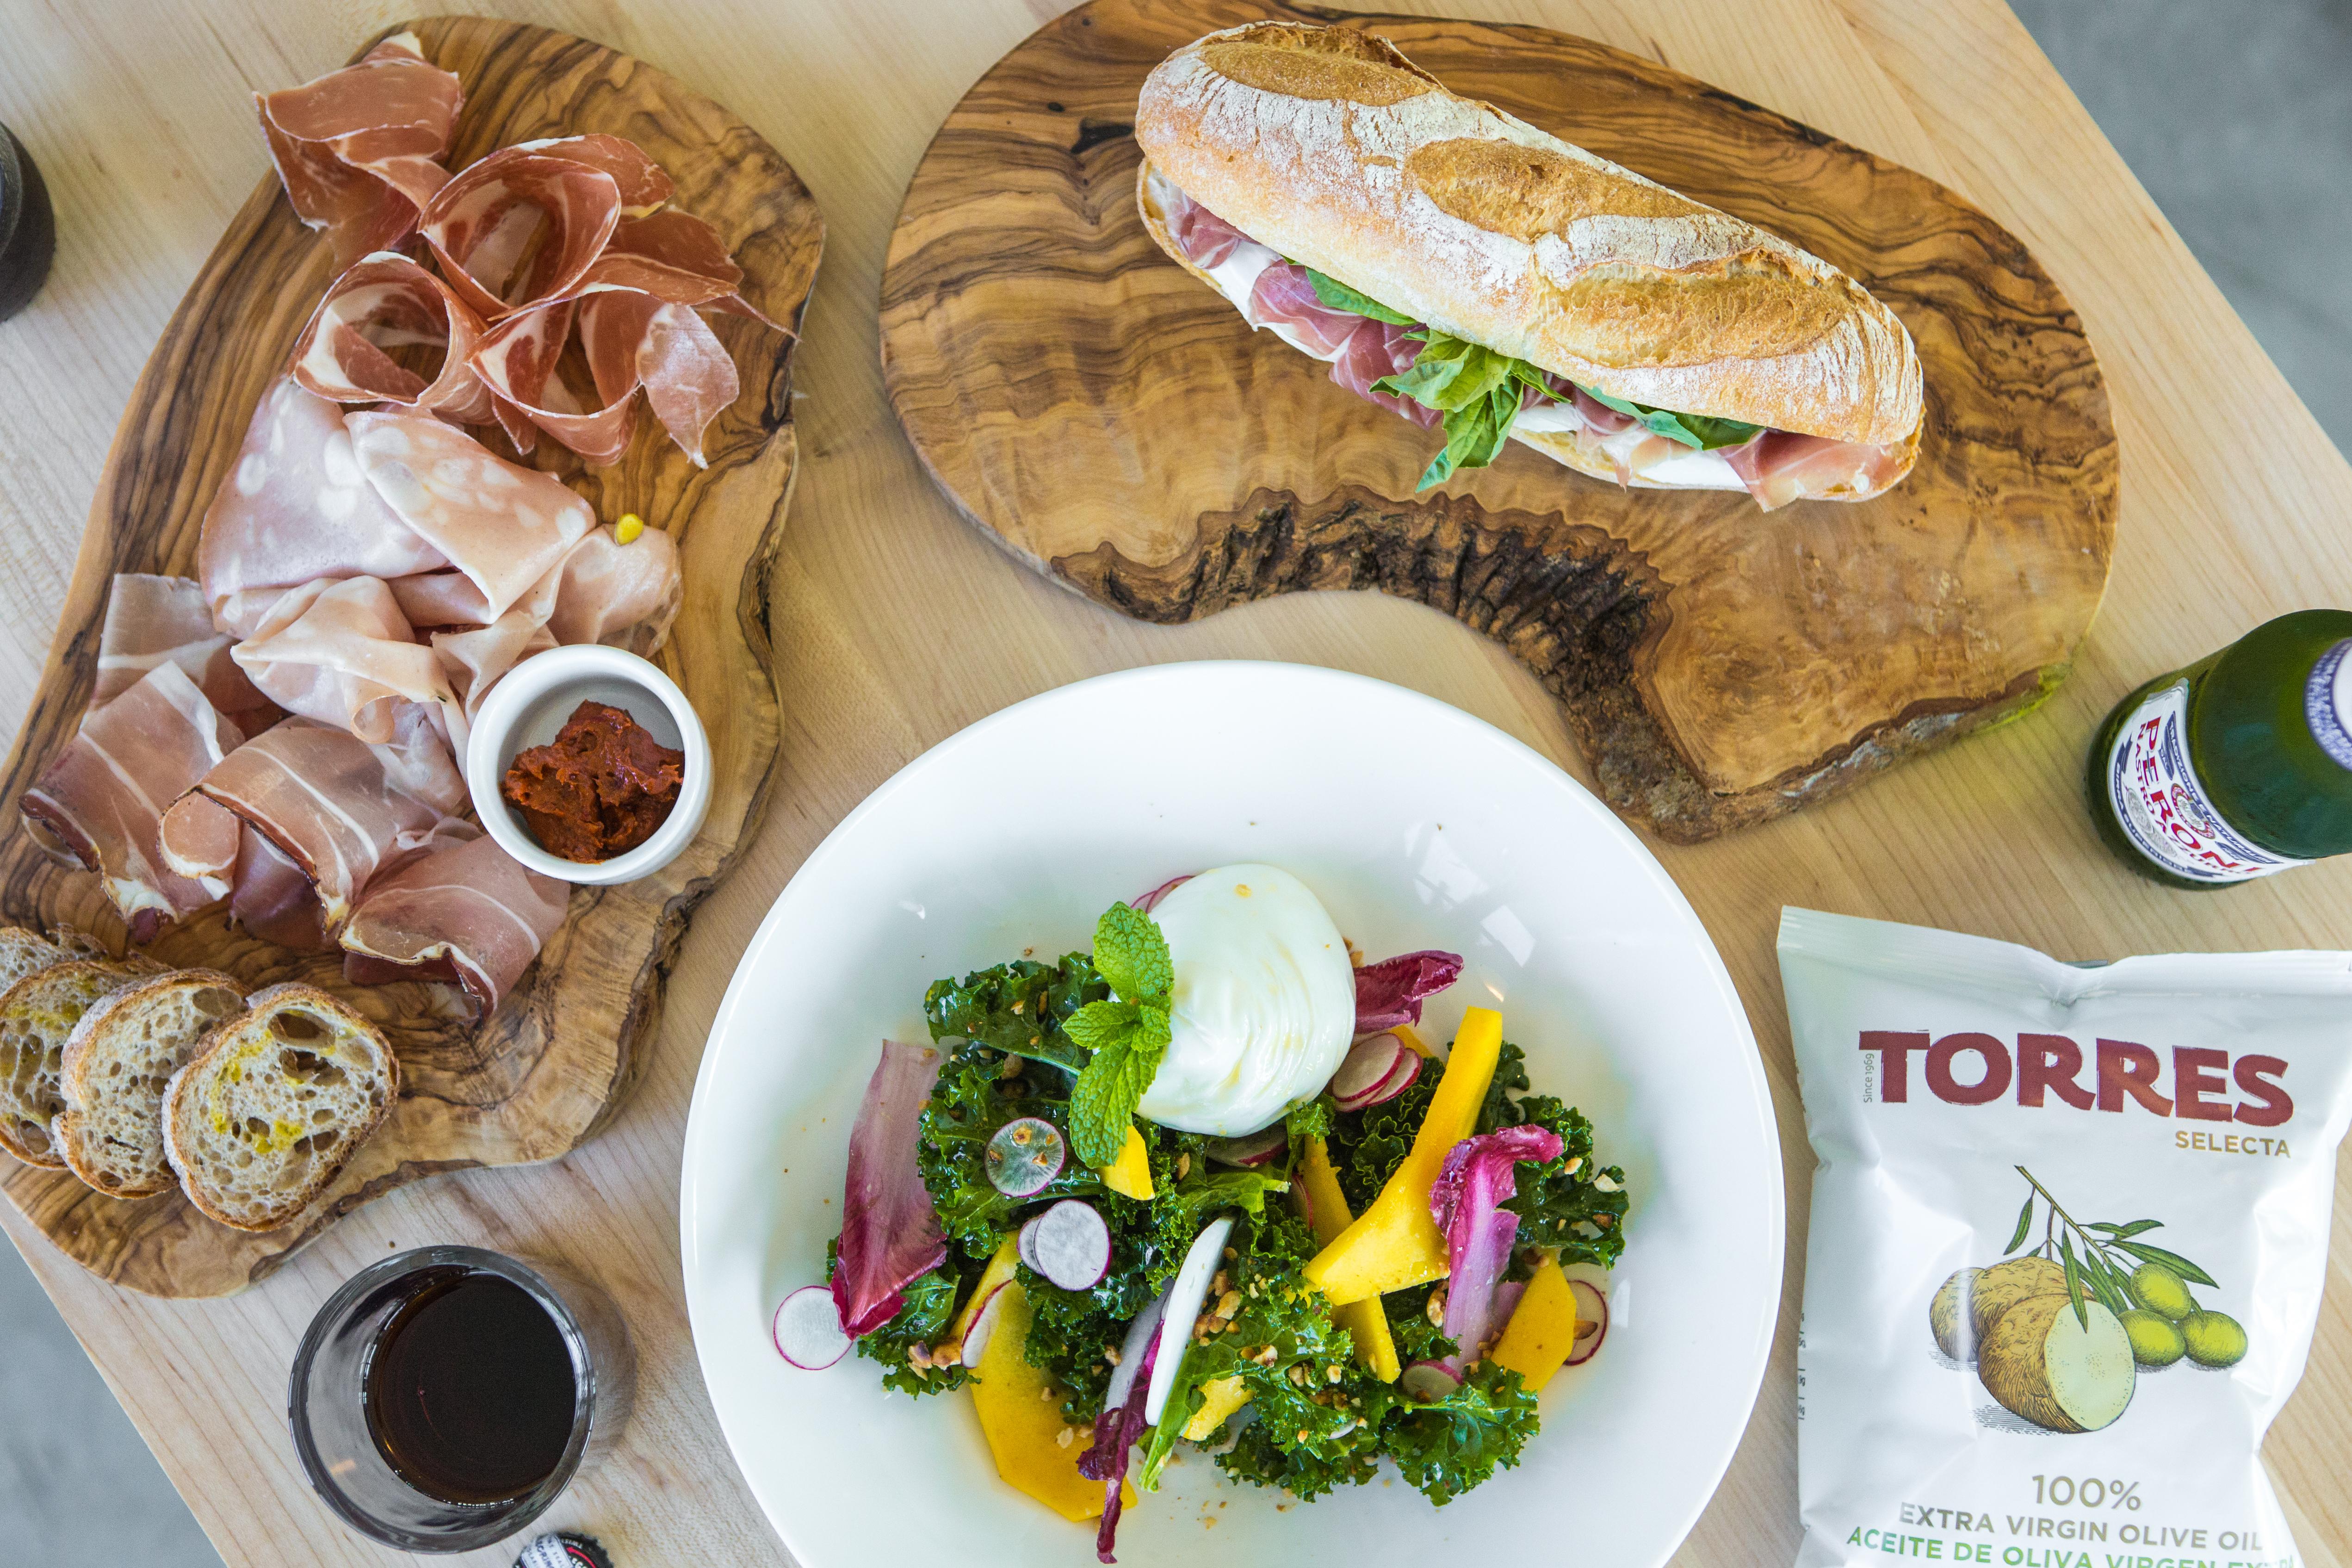 Take a Look Inside Italian Sandwich Haven La Matta